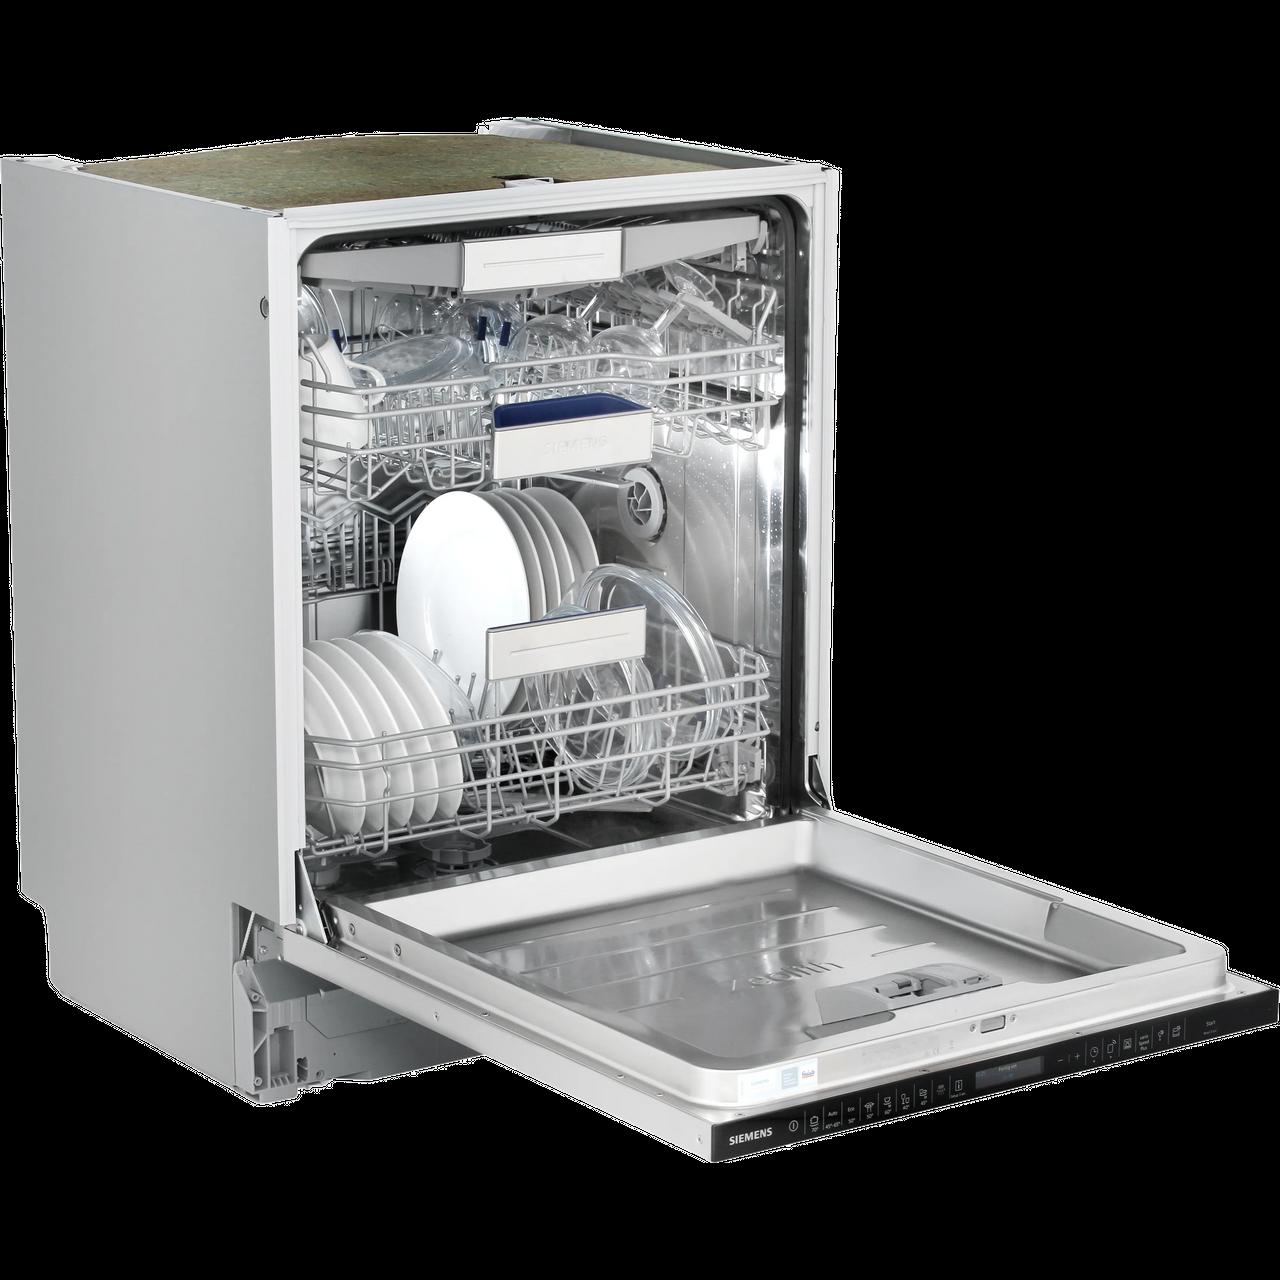 Full Size of Mini Geschirrspüler Siemens Iq500 Geschirrspler Sn658x06te Vollintegriert Aode Stengel Miniküche Mit Kühlschrank Aluminium Verbundplatte Küche Minion Bett Wohnzimmer Mini Geschirrspüler